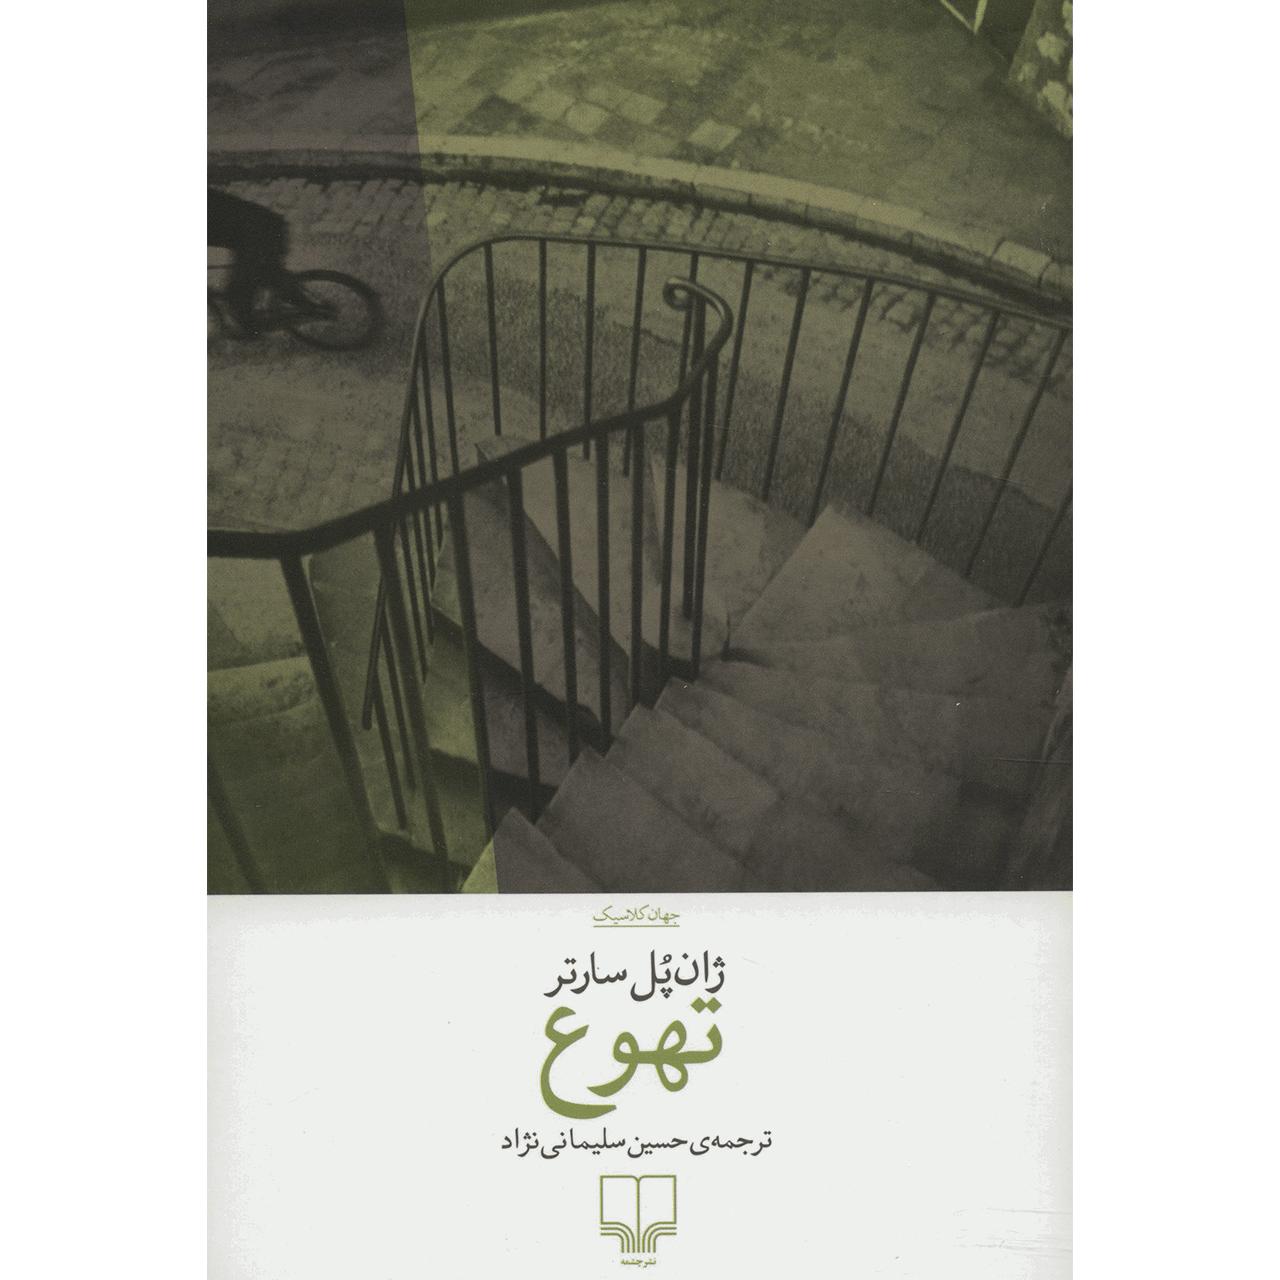 کتاب تهوع اثر ژان پل سارتر thumb